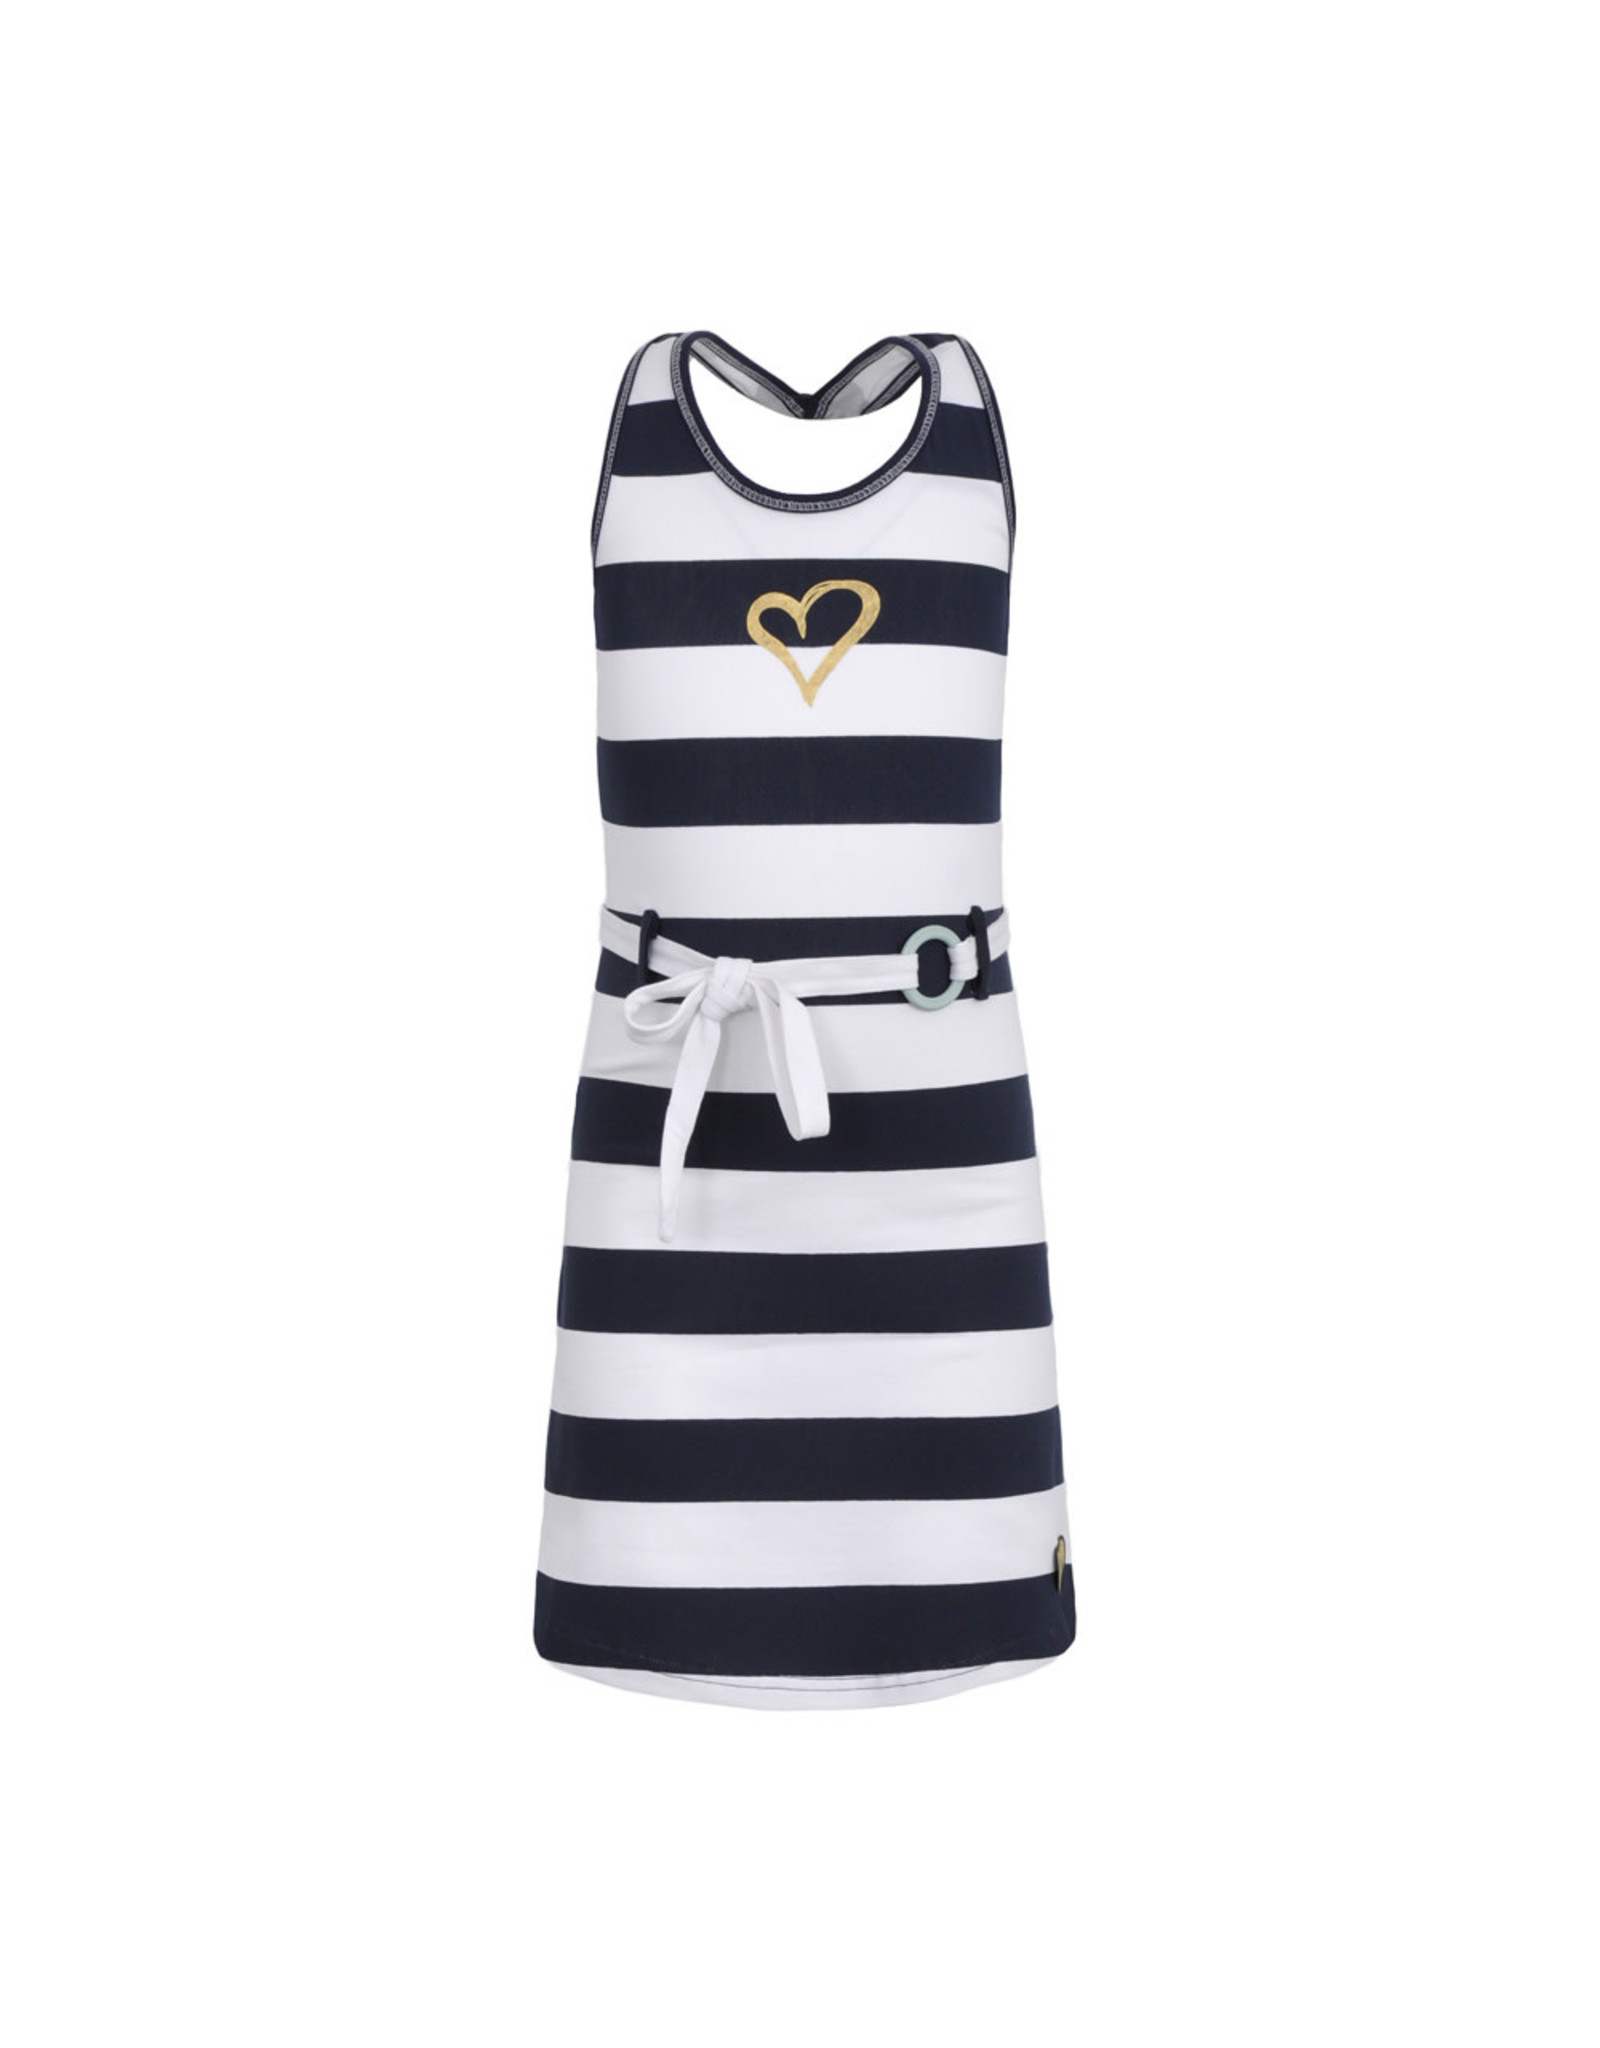 LoFff Loff meiden mouwloze jurk Fancy Block Stripe Blue White